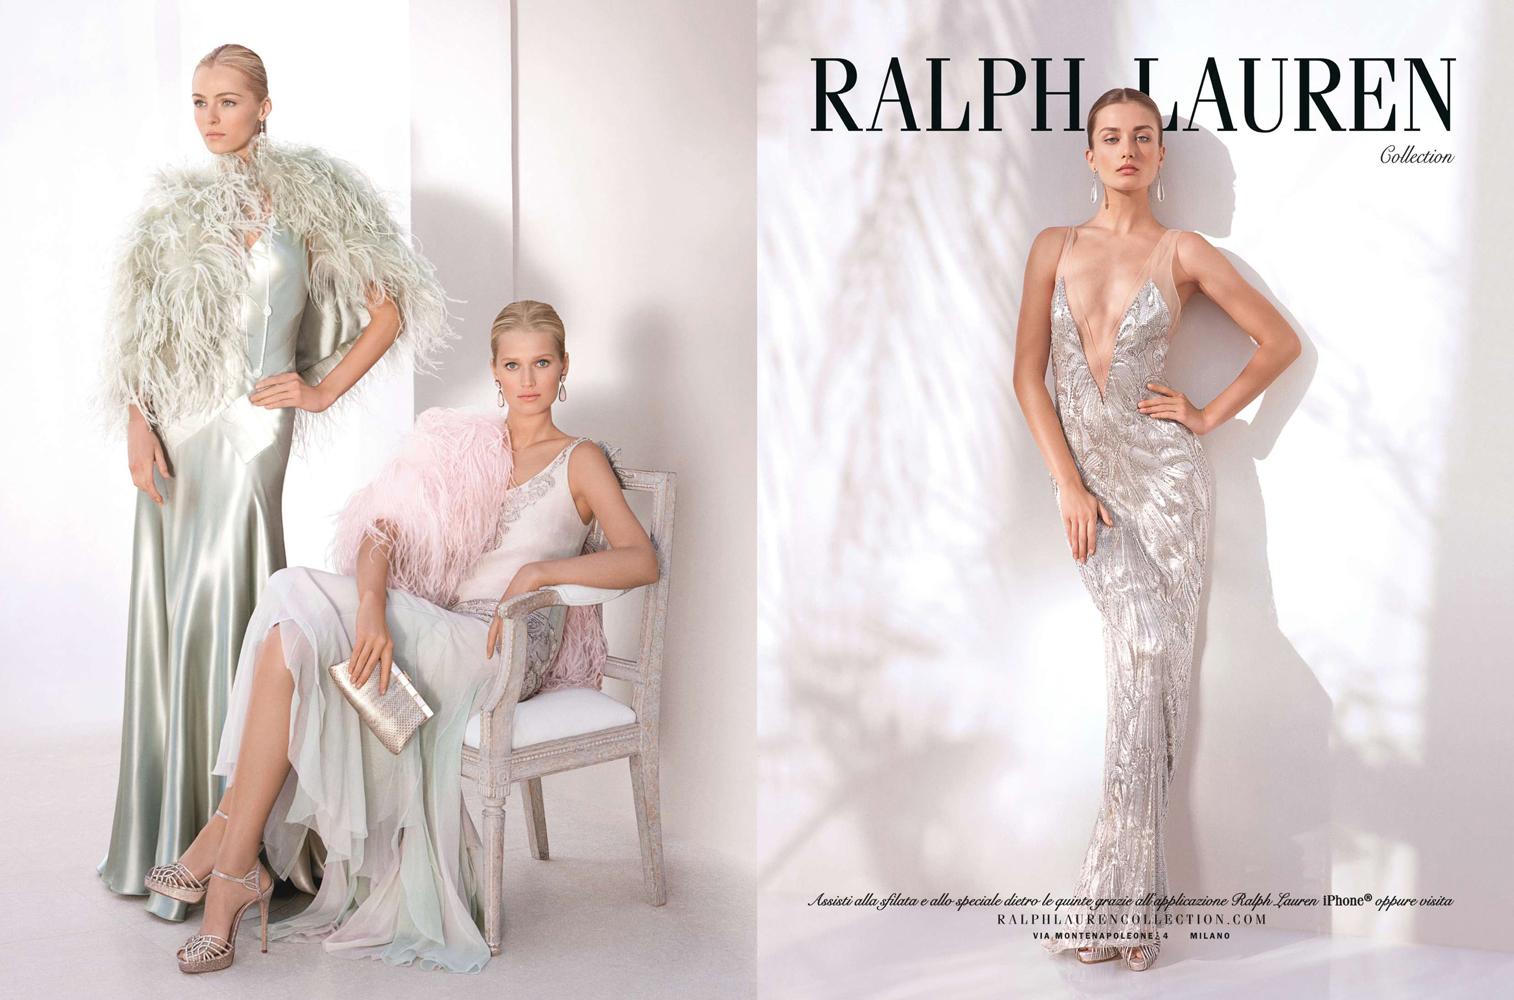 Ralph Lauren Collection SS 2012